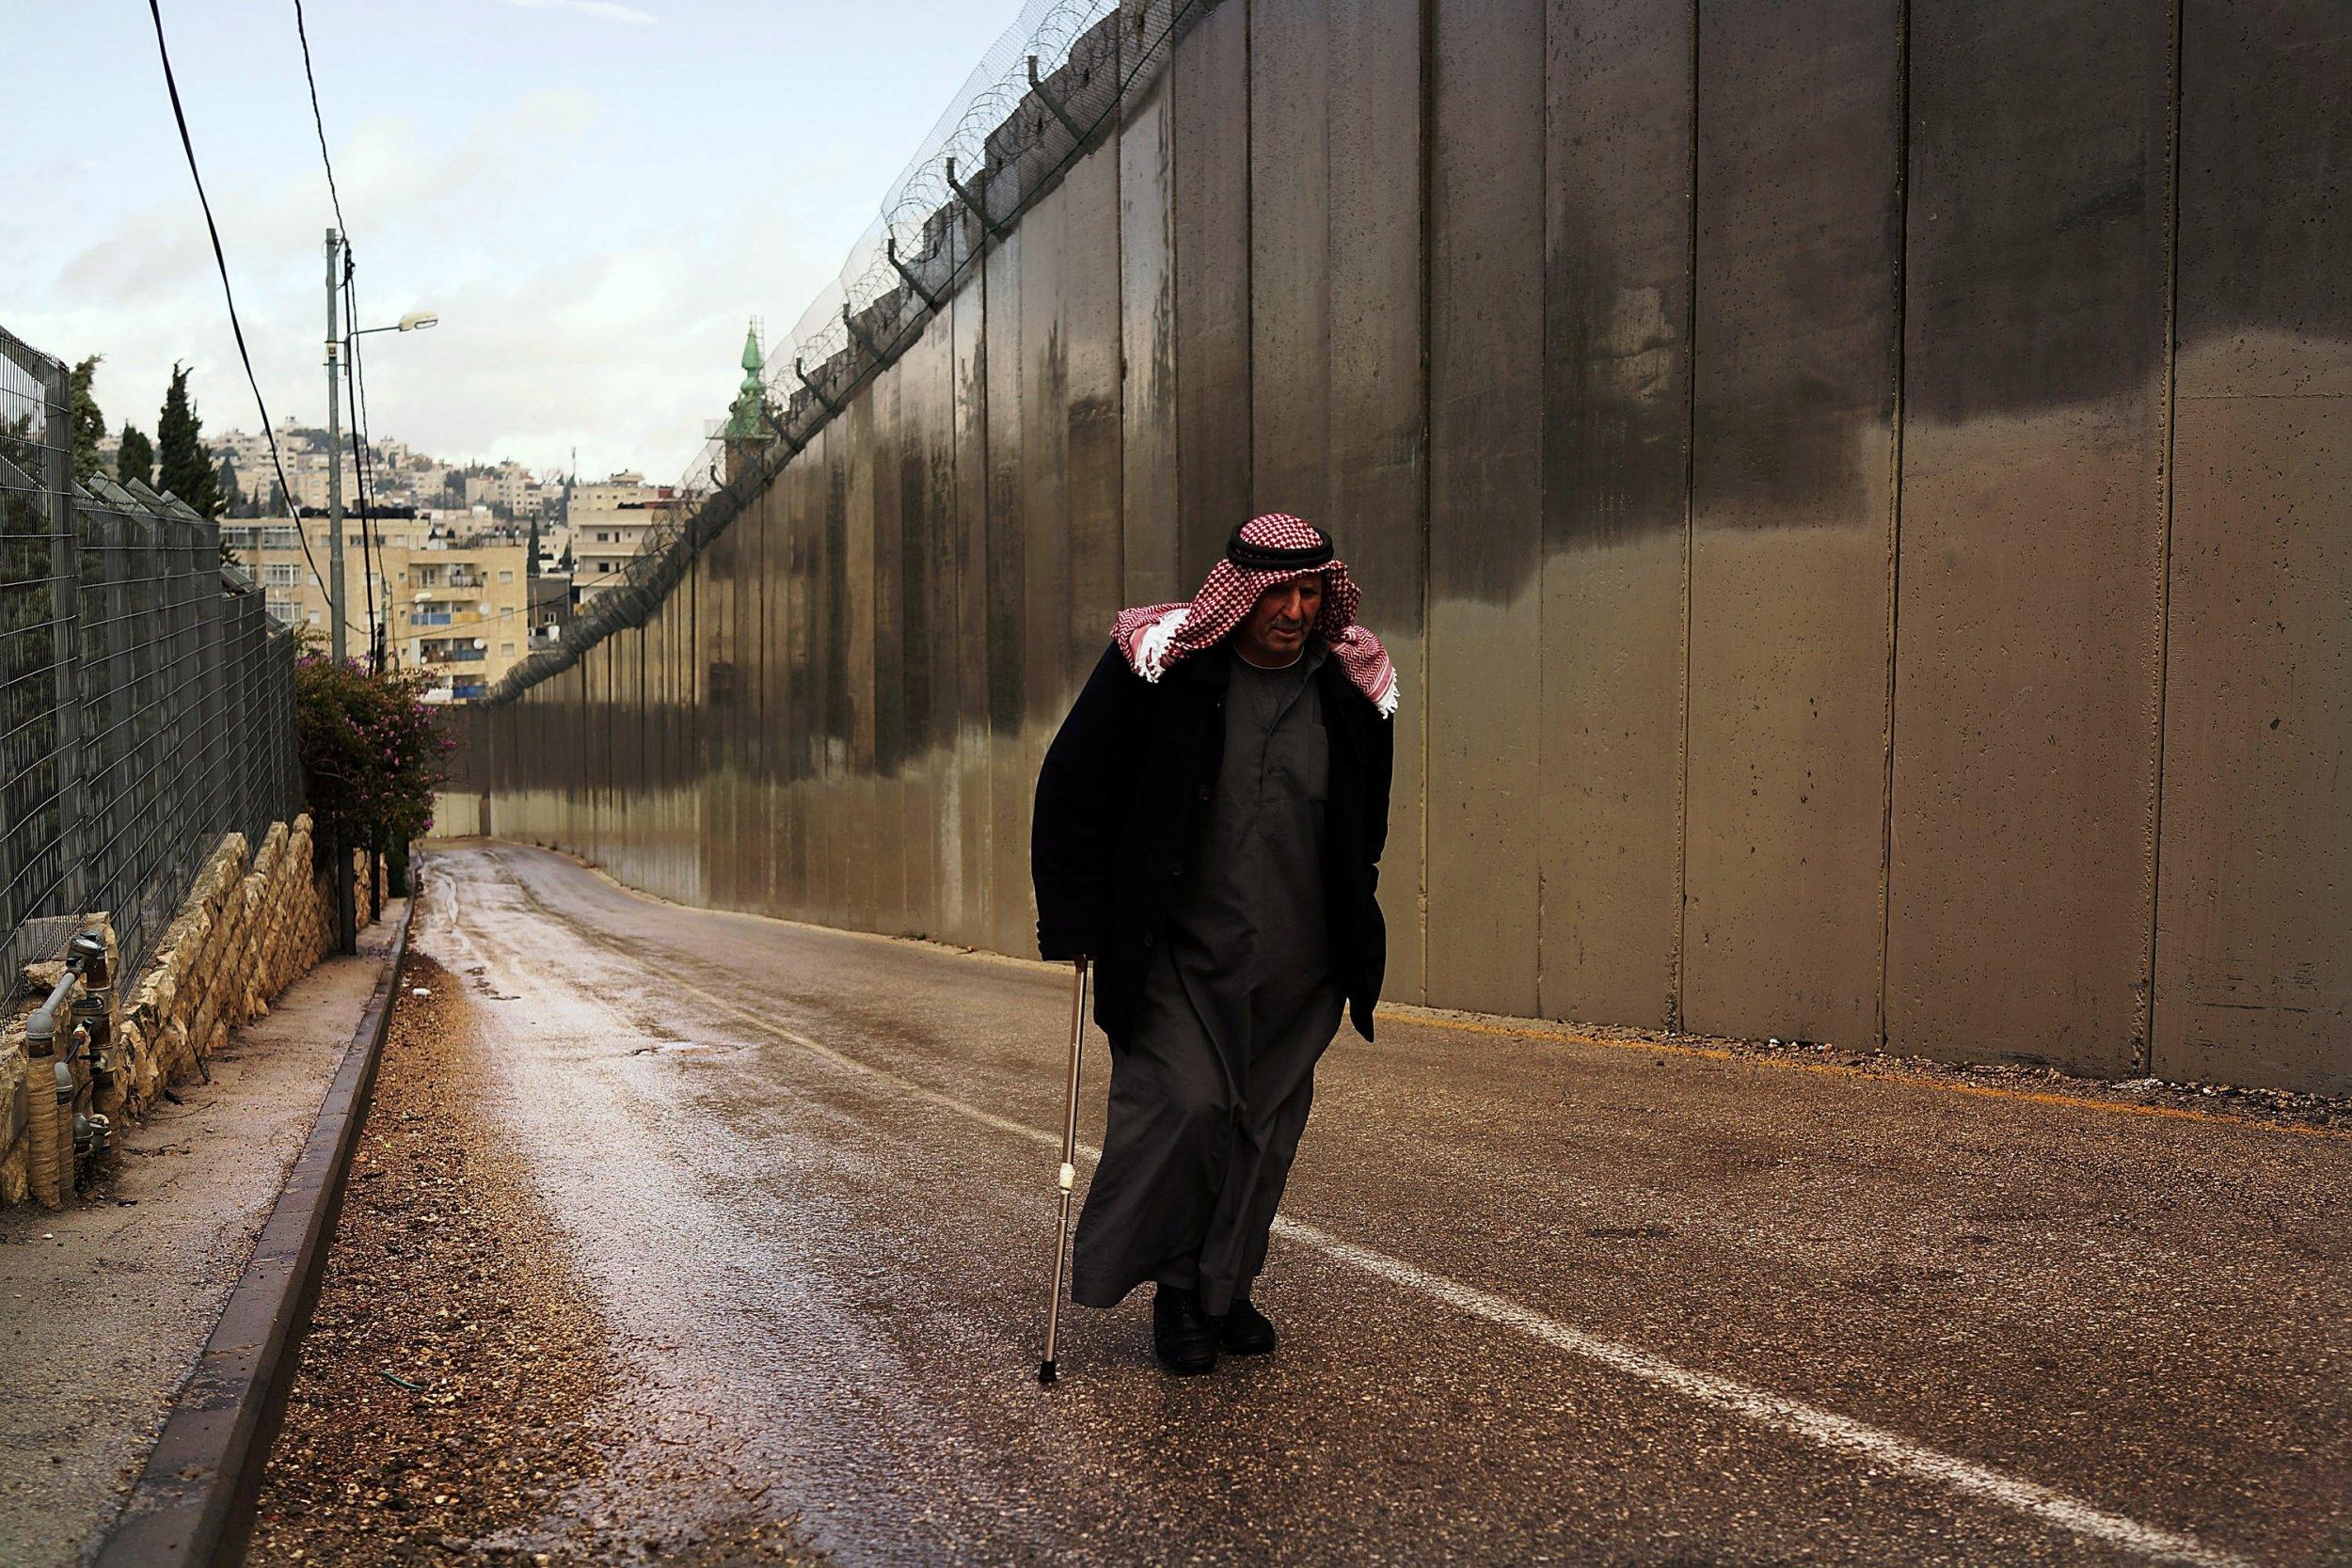 02_18_Israel_Wall_01